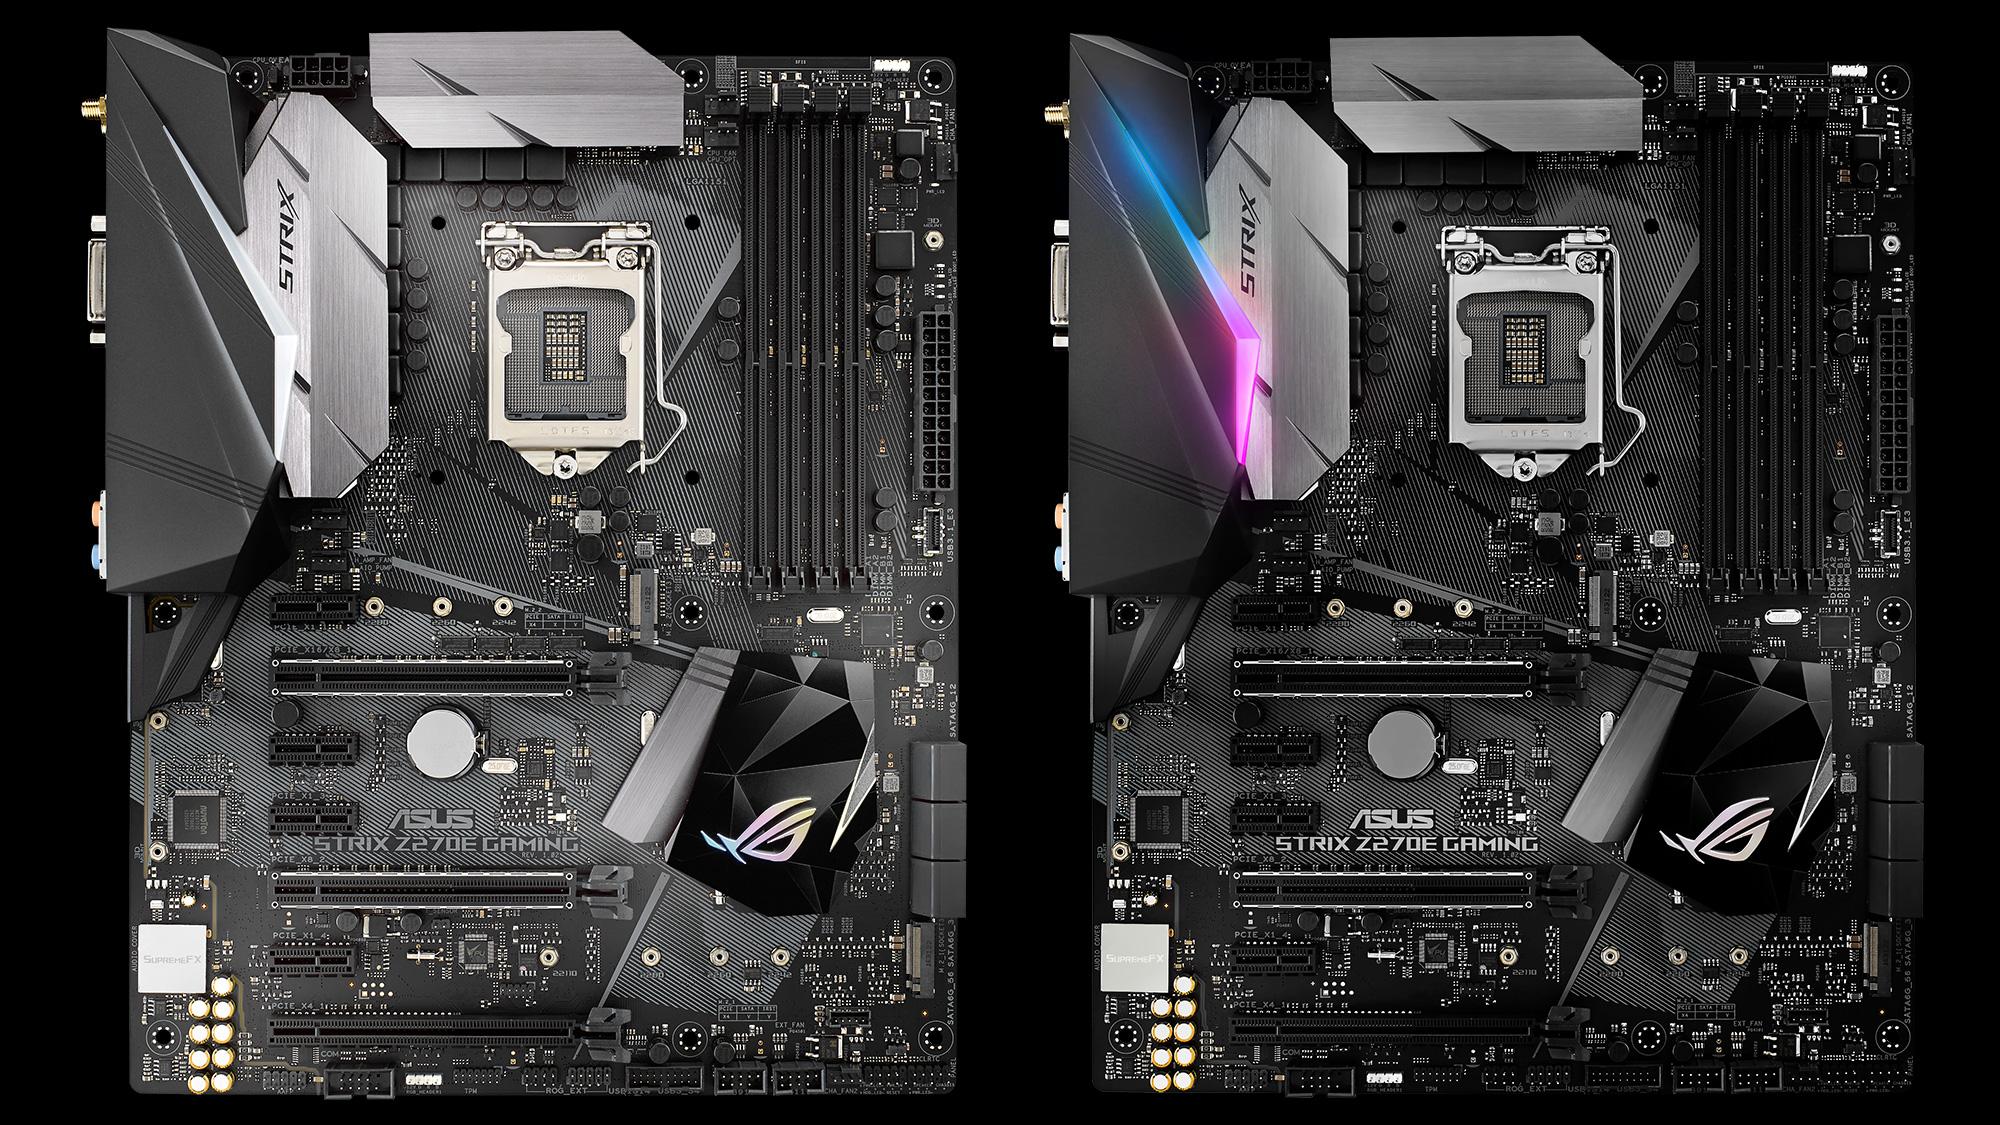 ROG Strix Z270E Gaming Estas son las nuevas motherboards Z270 de ASUS